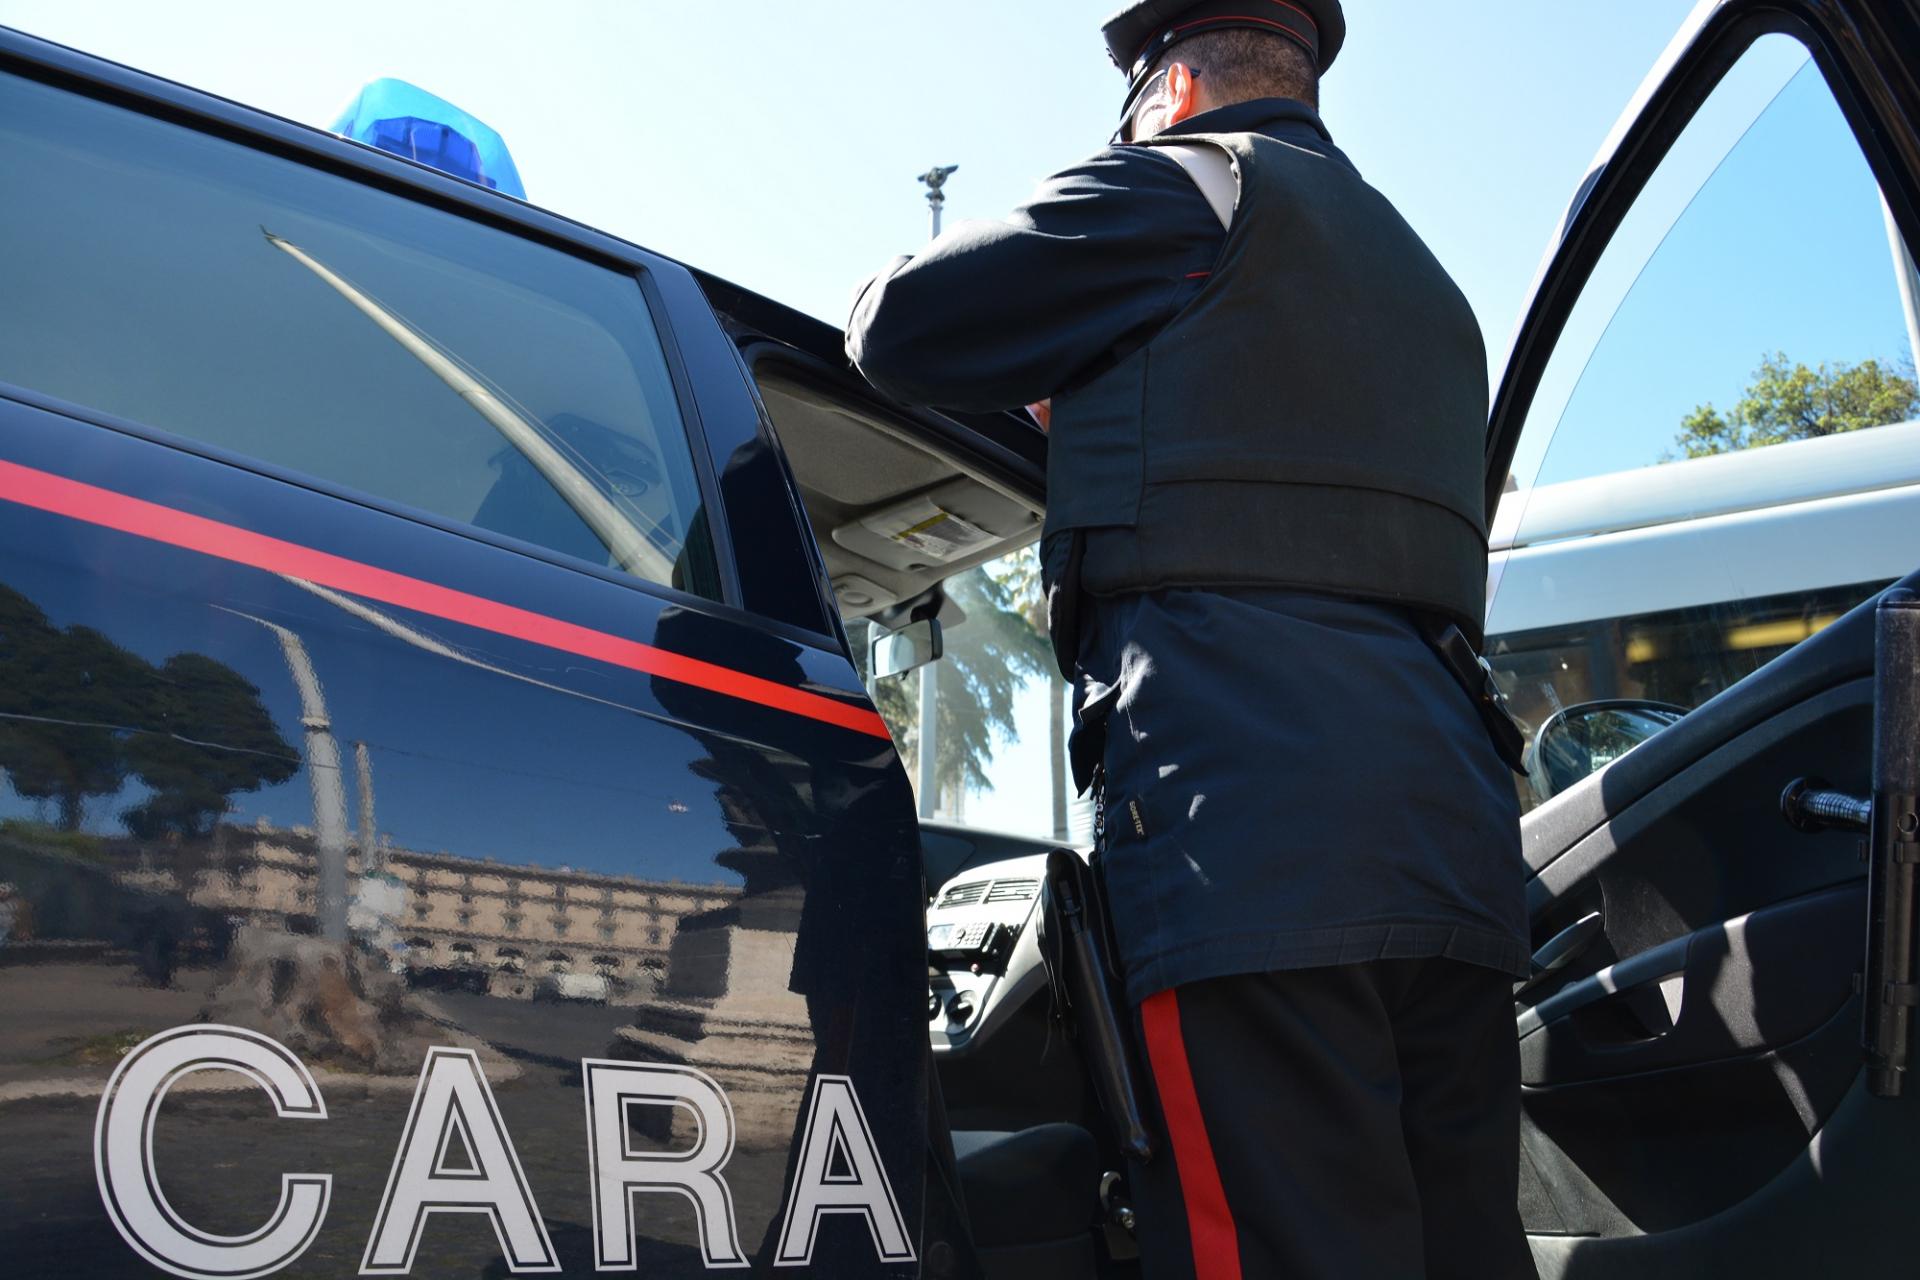 Sassi contro un cane e percosse a Carabinieri